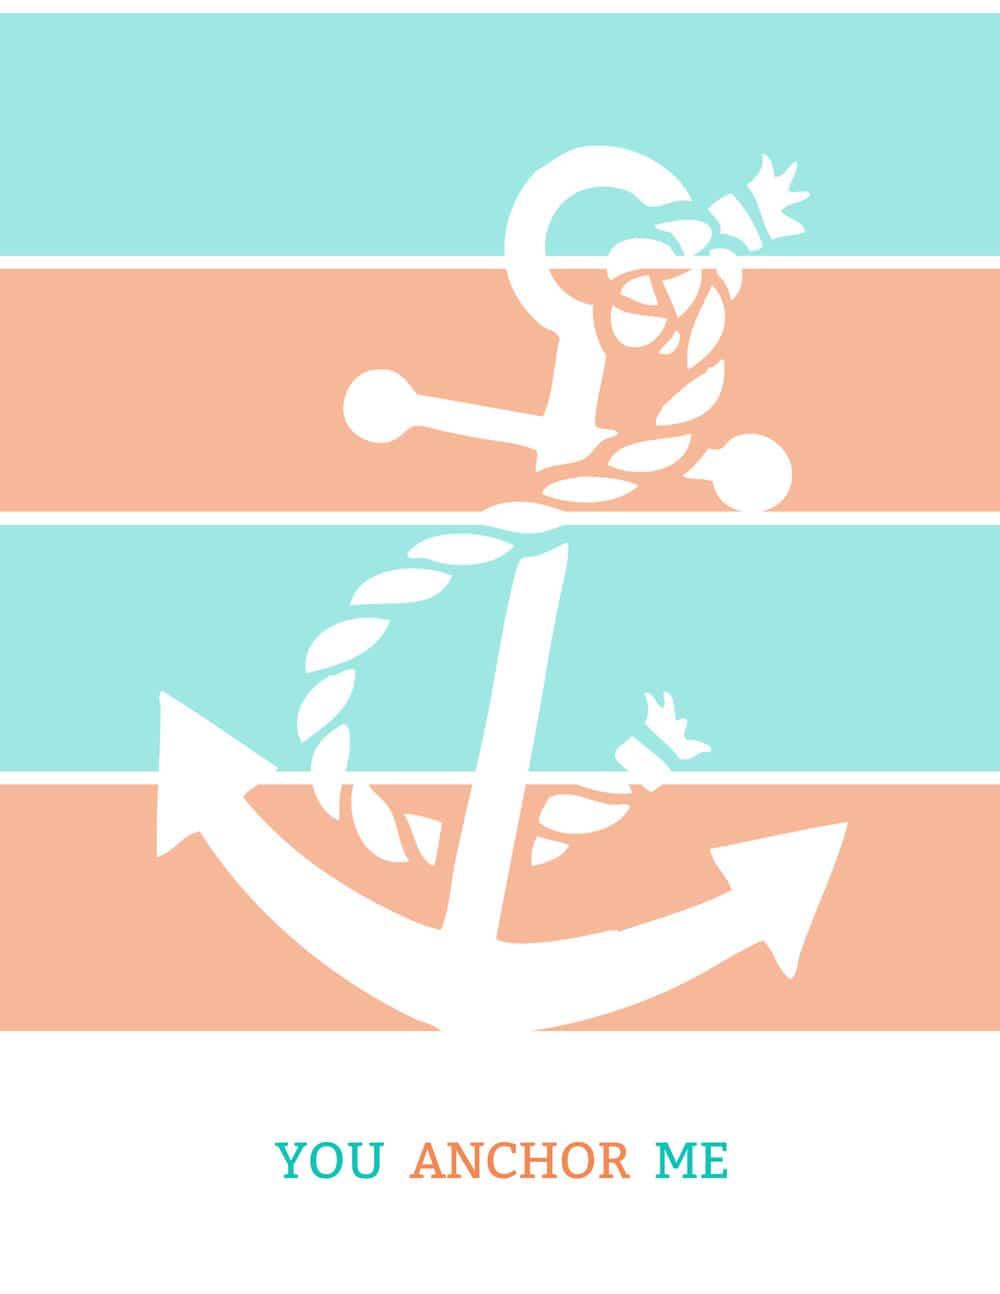 you-anchor-me-printable-2